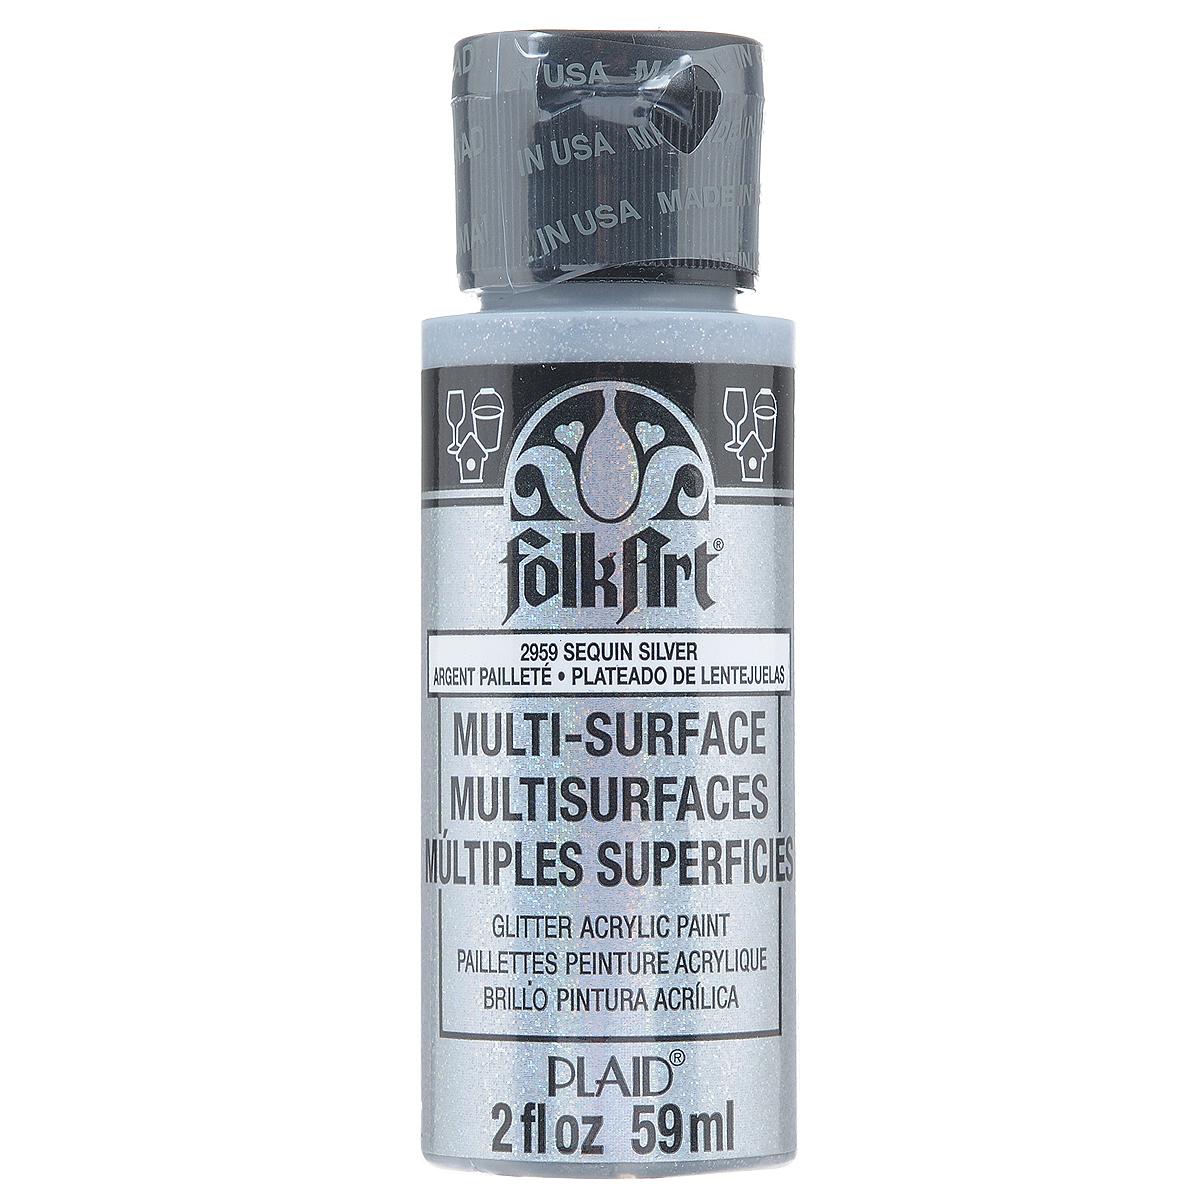 Краска акриловая FolkArt Multi-Surface, цвет: кристалы диско (2963), 59 млPLD-02963Акриловая краска FolkArt Multi-Surface - это прочная погодоустойчивая сатиновая краска для различных поверхностей: стекло, керамика, дерево, металл пластик, ткань, холст, бумага, глина. Идеально подходит как для использования в помещении, так и для наружного применения. Изделия, покрытые такой краской, можно мыть в посудомоечной машине в верхнем отсеке. Не токсична, на водной основе. Перед применением краску необходимо хорошо встряхнуть. Краски разных цветов можно смешивать между собой. Перед повторным нанесением краски дать высохнуть в течении 1 часа. До высыхания может быть смыта водой с мылом.